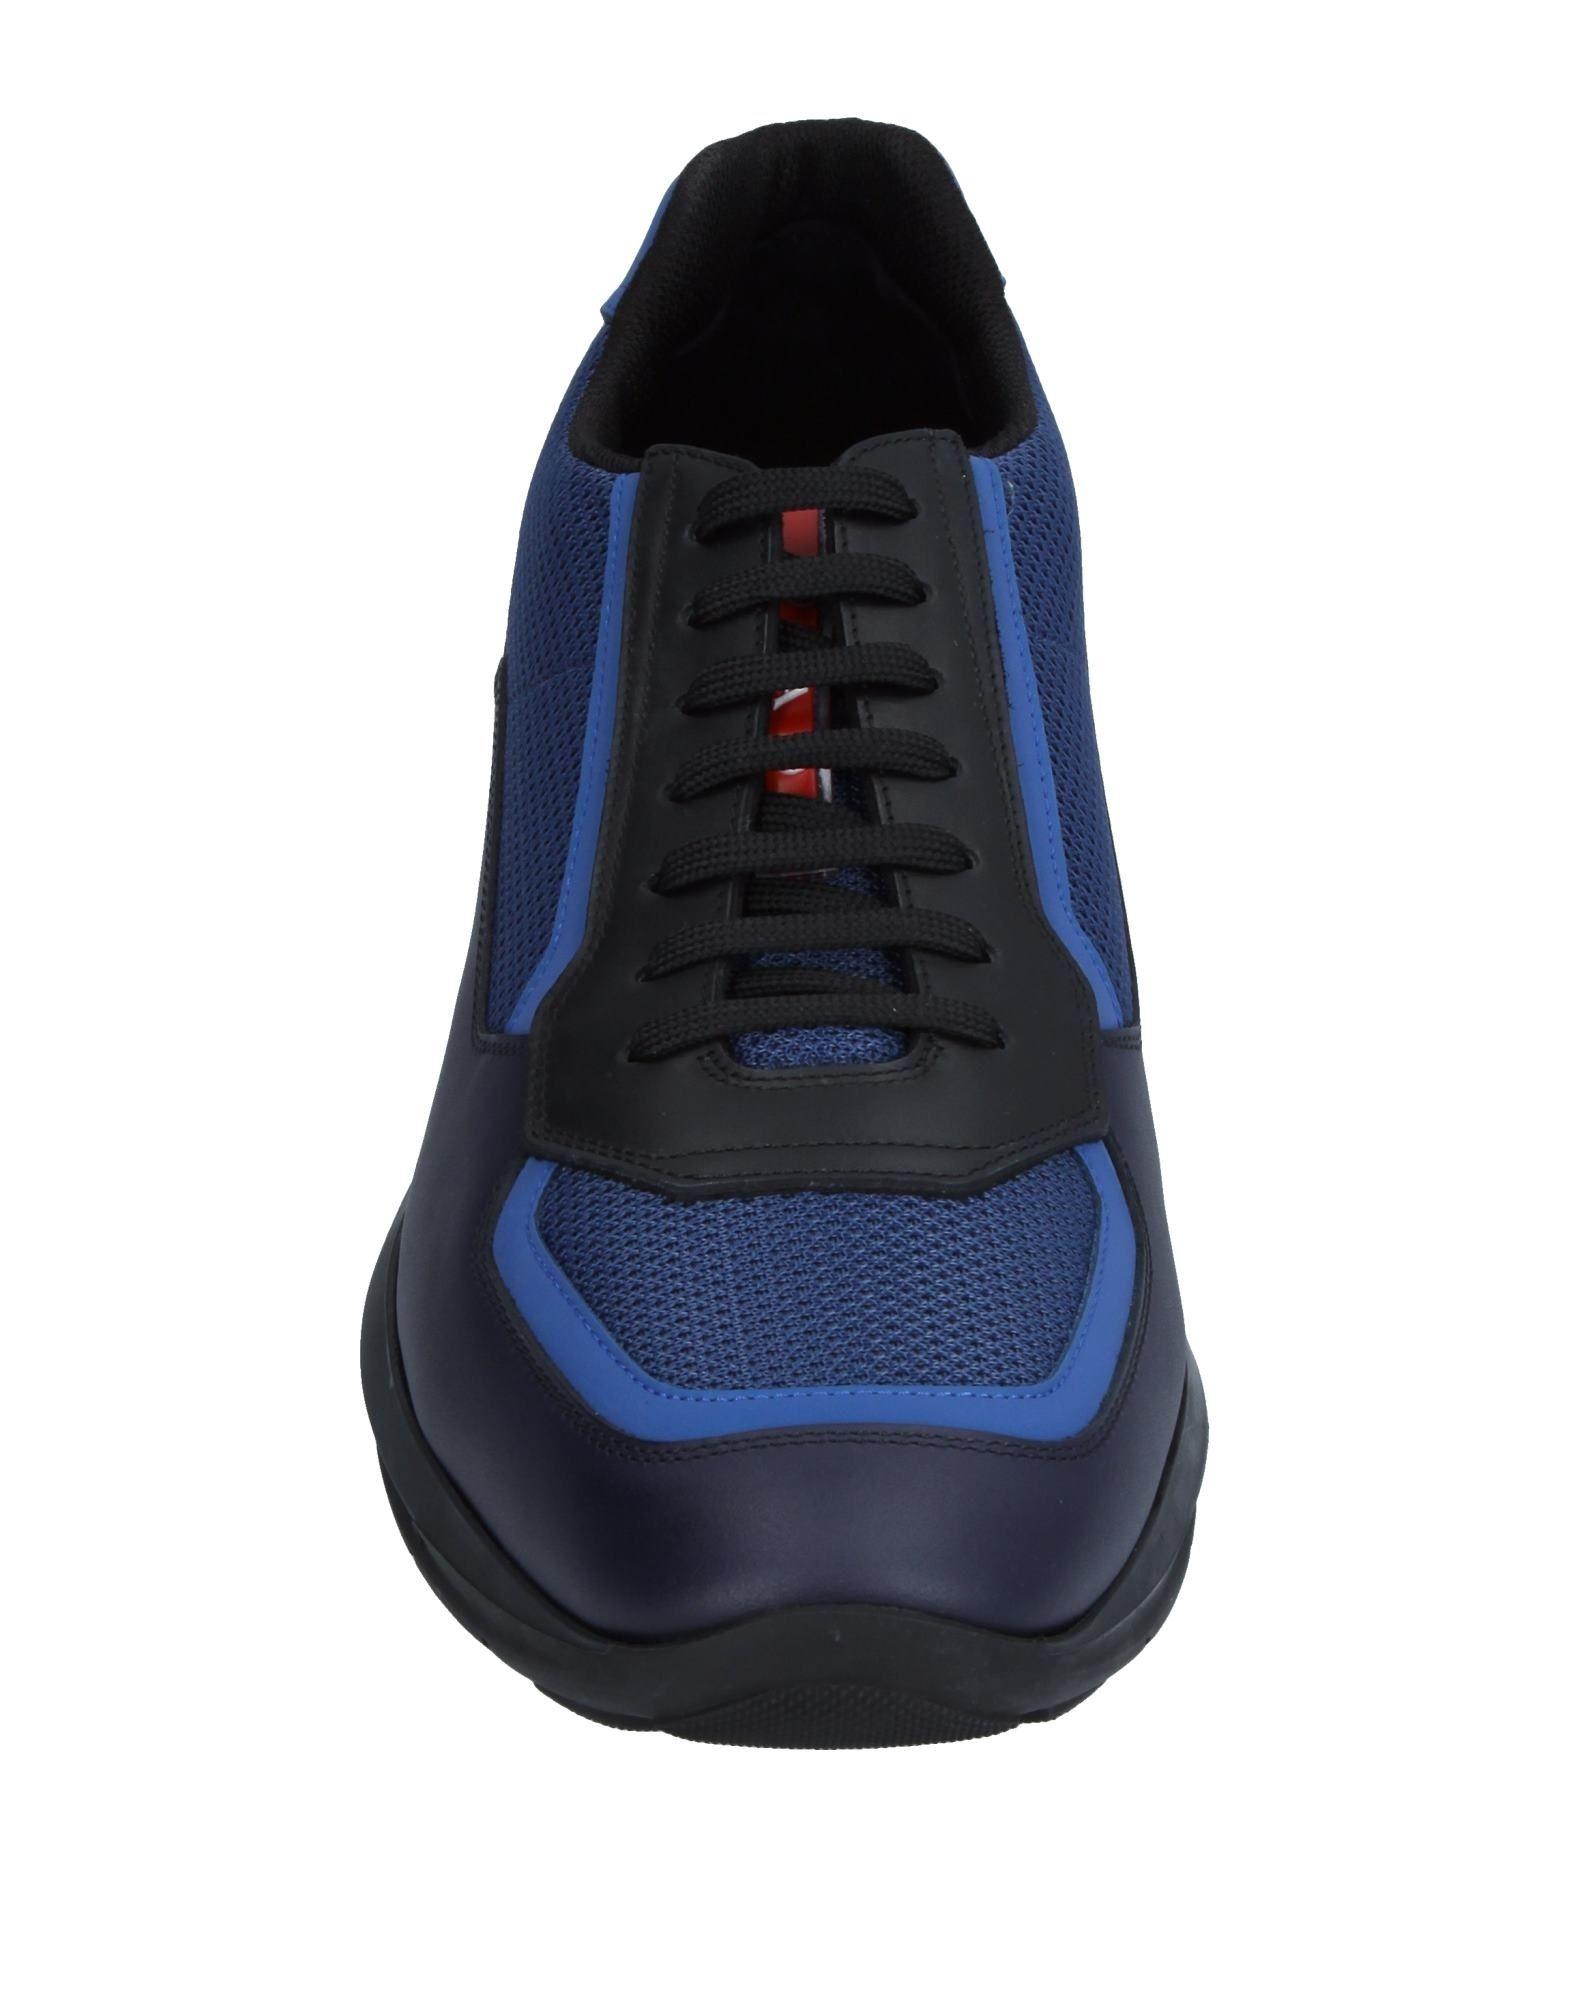 Prada Sport Sneakers Herren  11204906OK Gute Gute Gute Qualität beliebte Schuhe d3a7a6